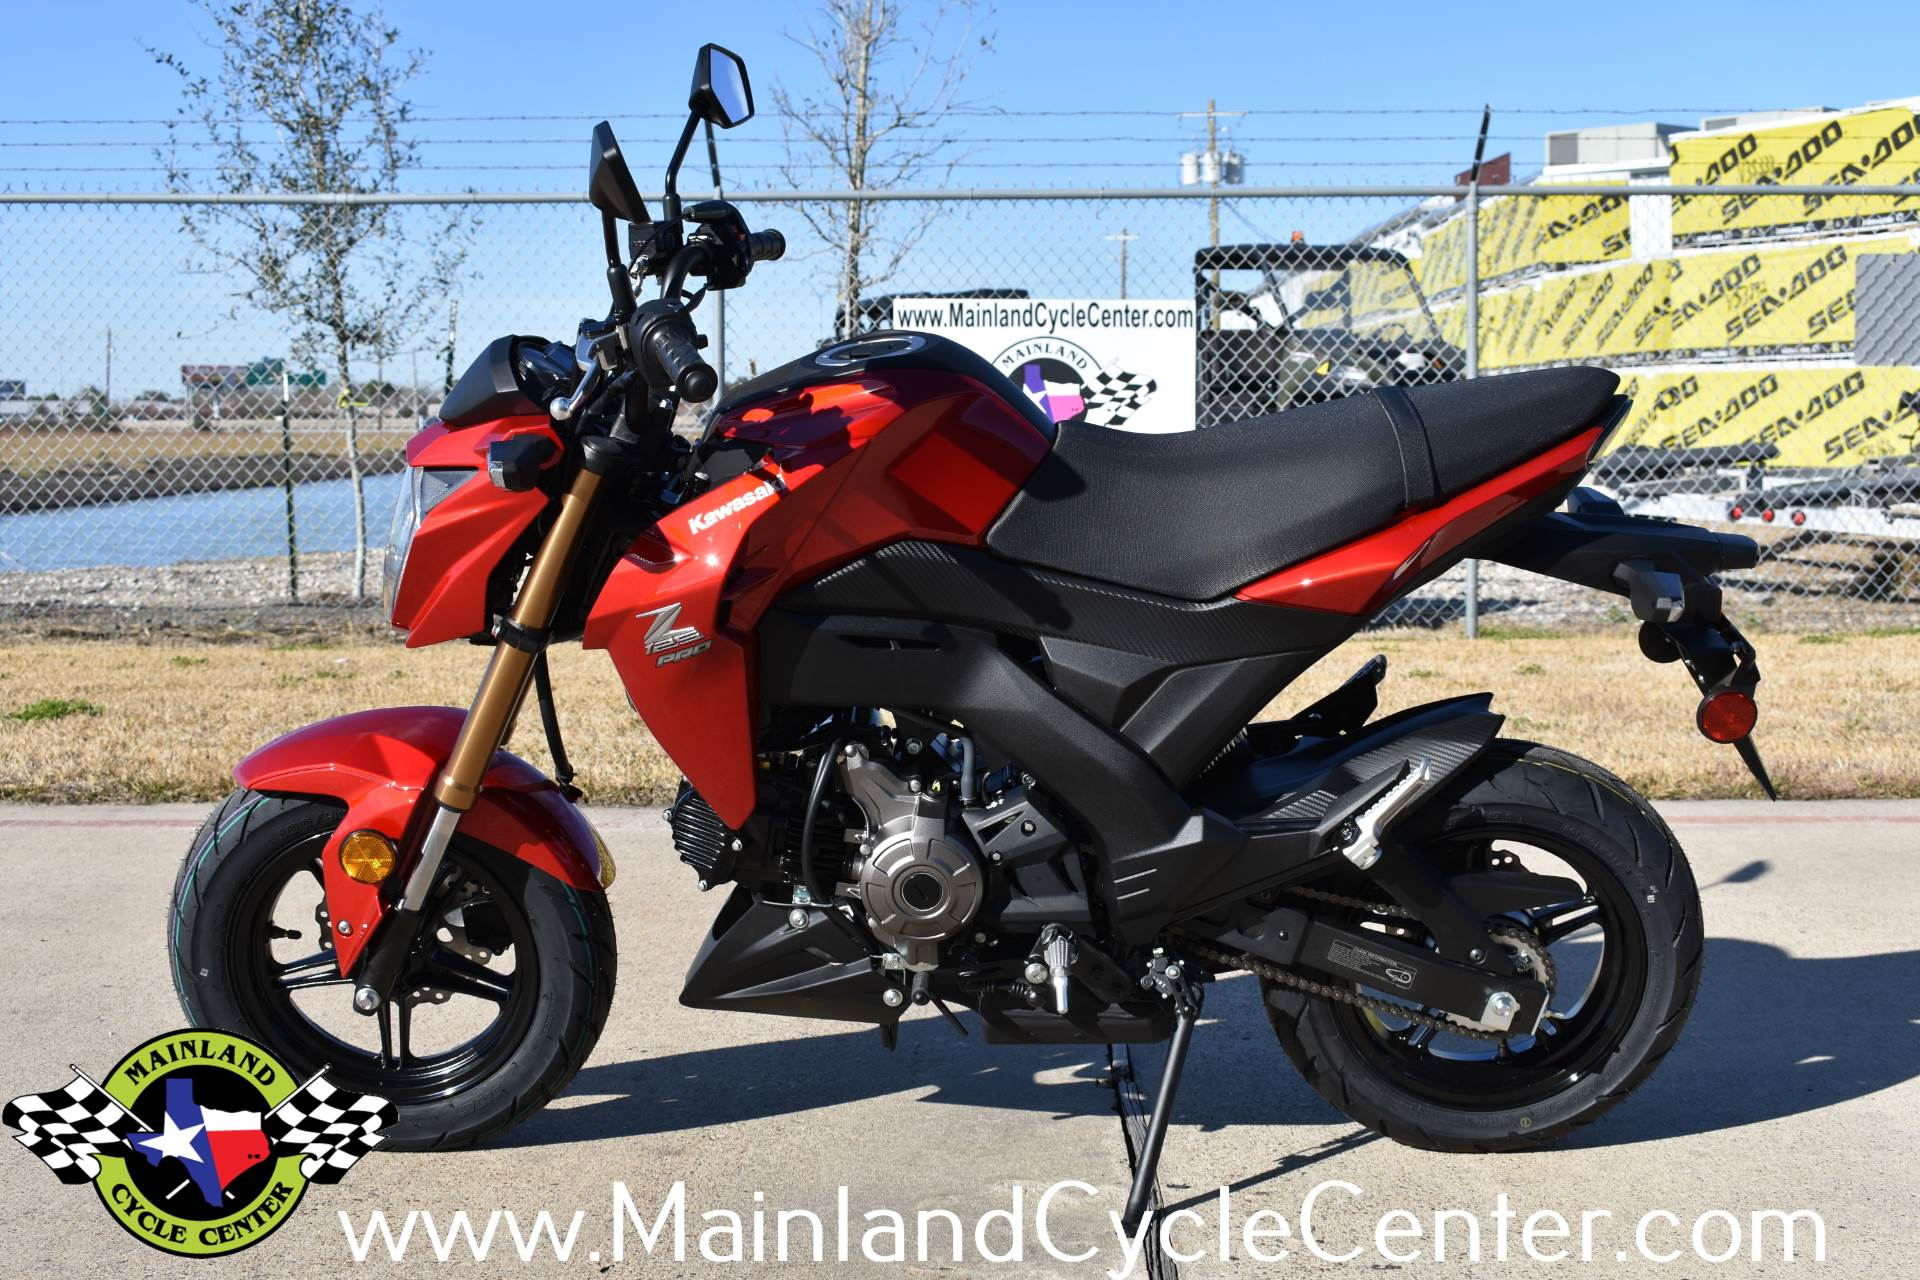 2018 Kawasaki Z125 Pro In La Marque Texas